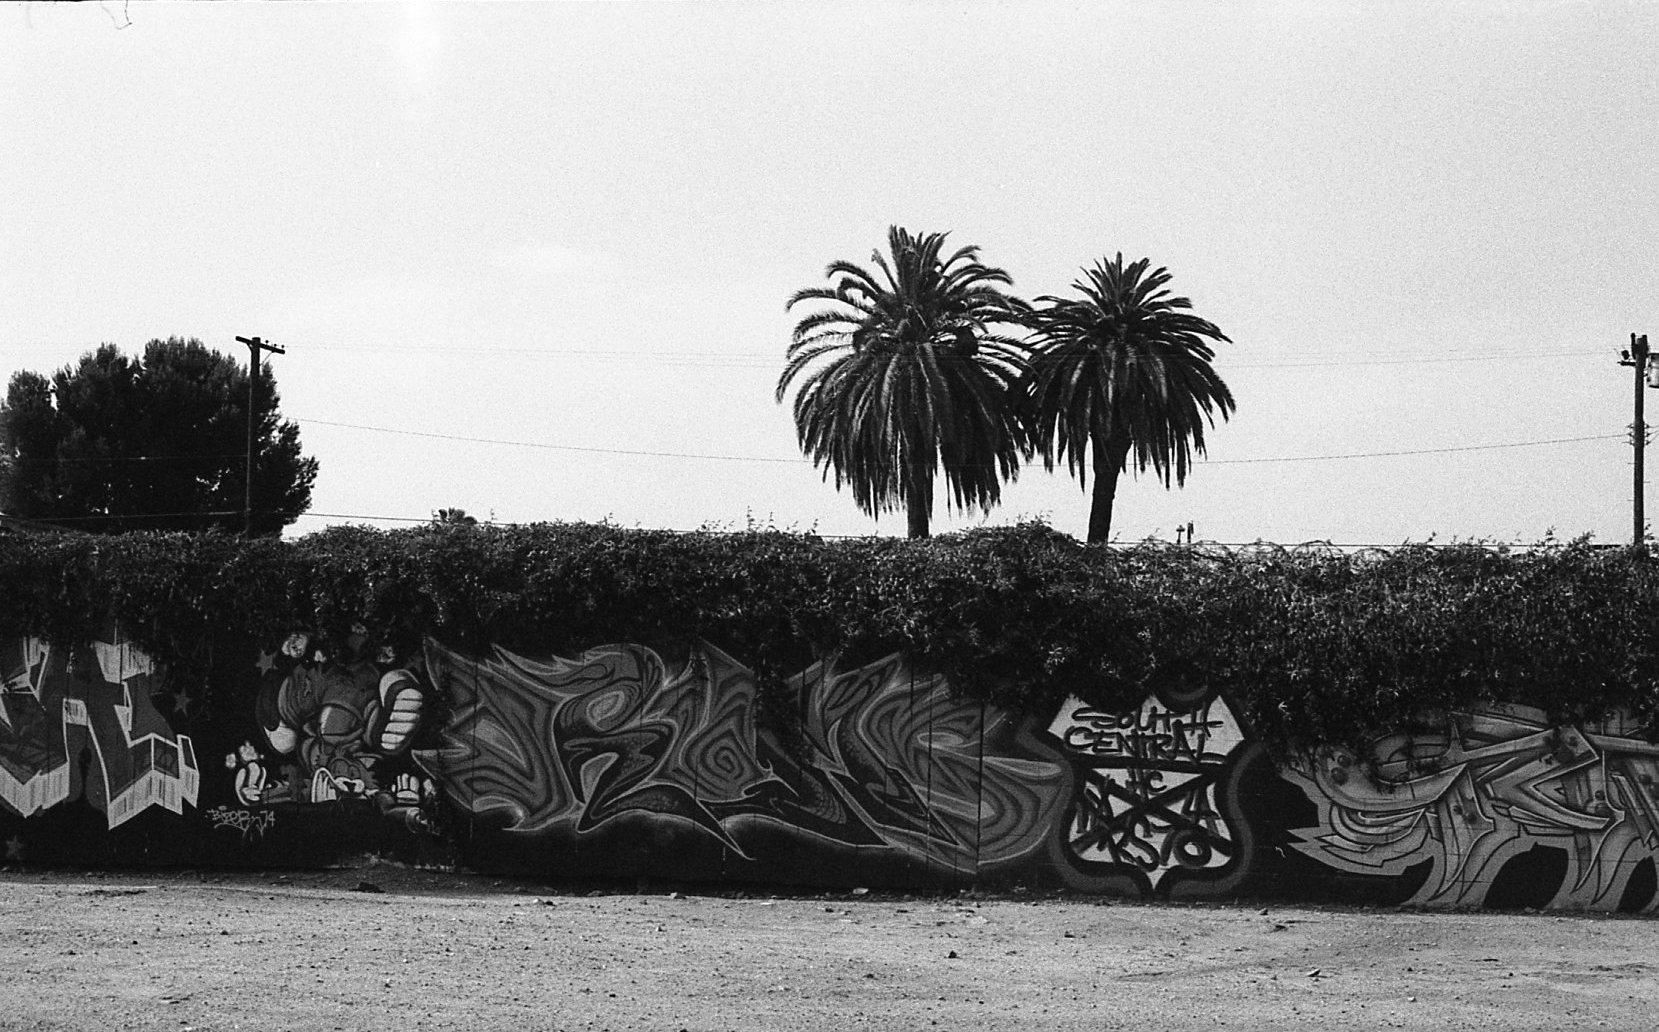 la-grafitti006.jpg